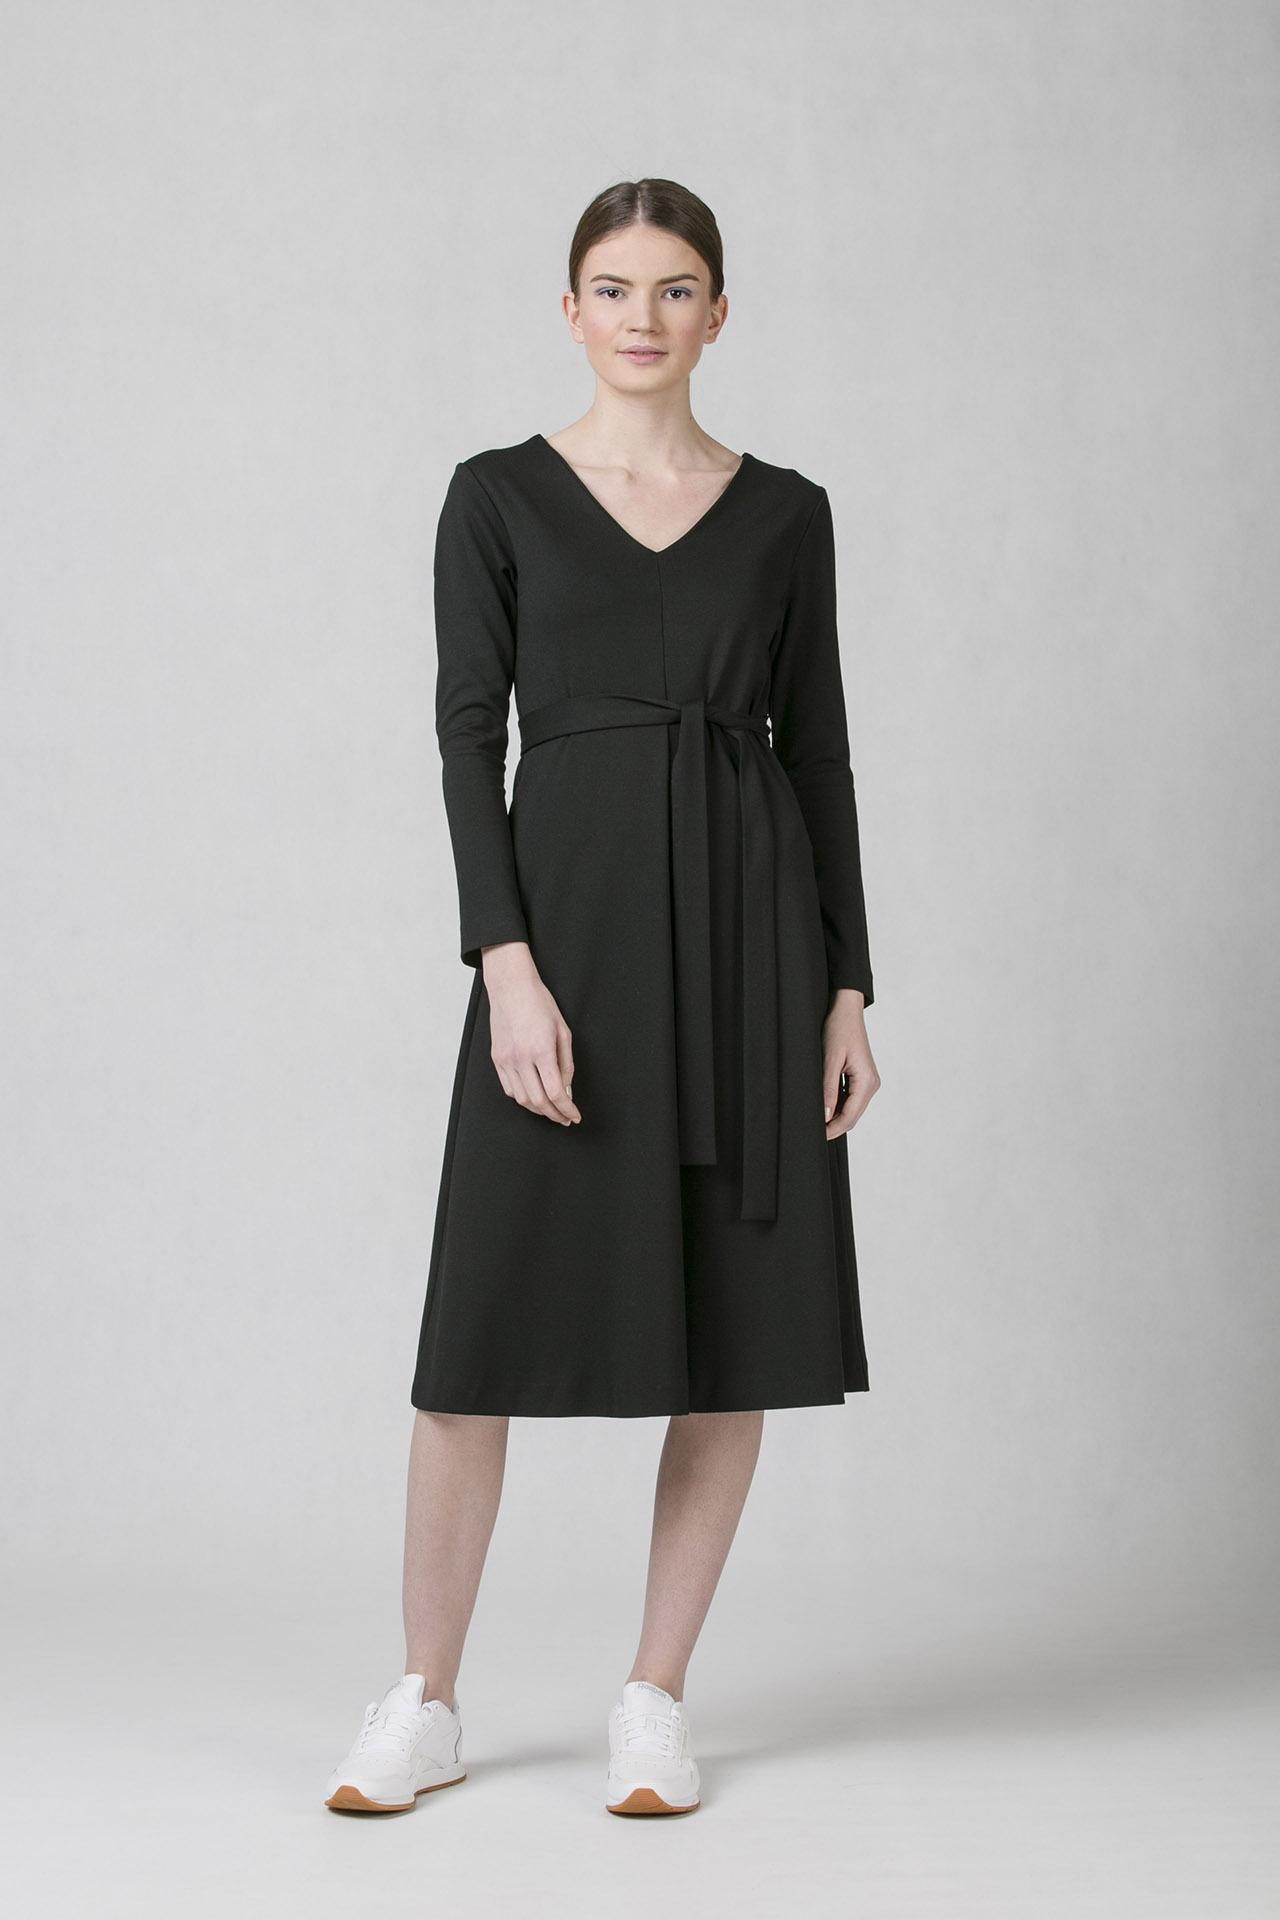 581f58bc3b0f Společenské šaty s áčkovou sukní Oneday v midi délce